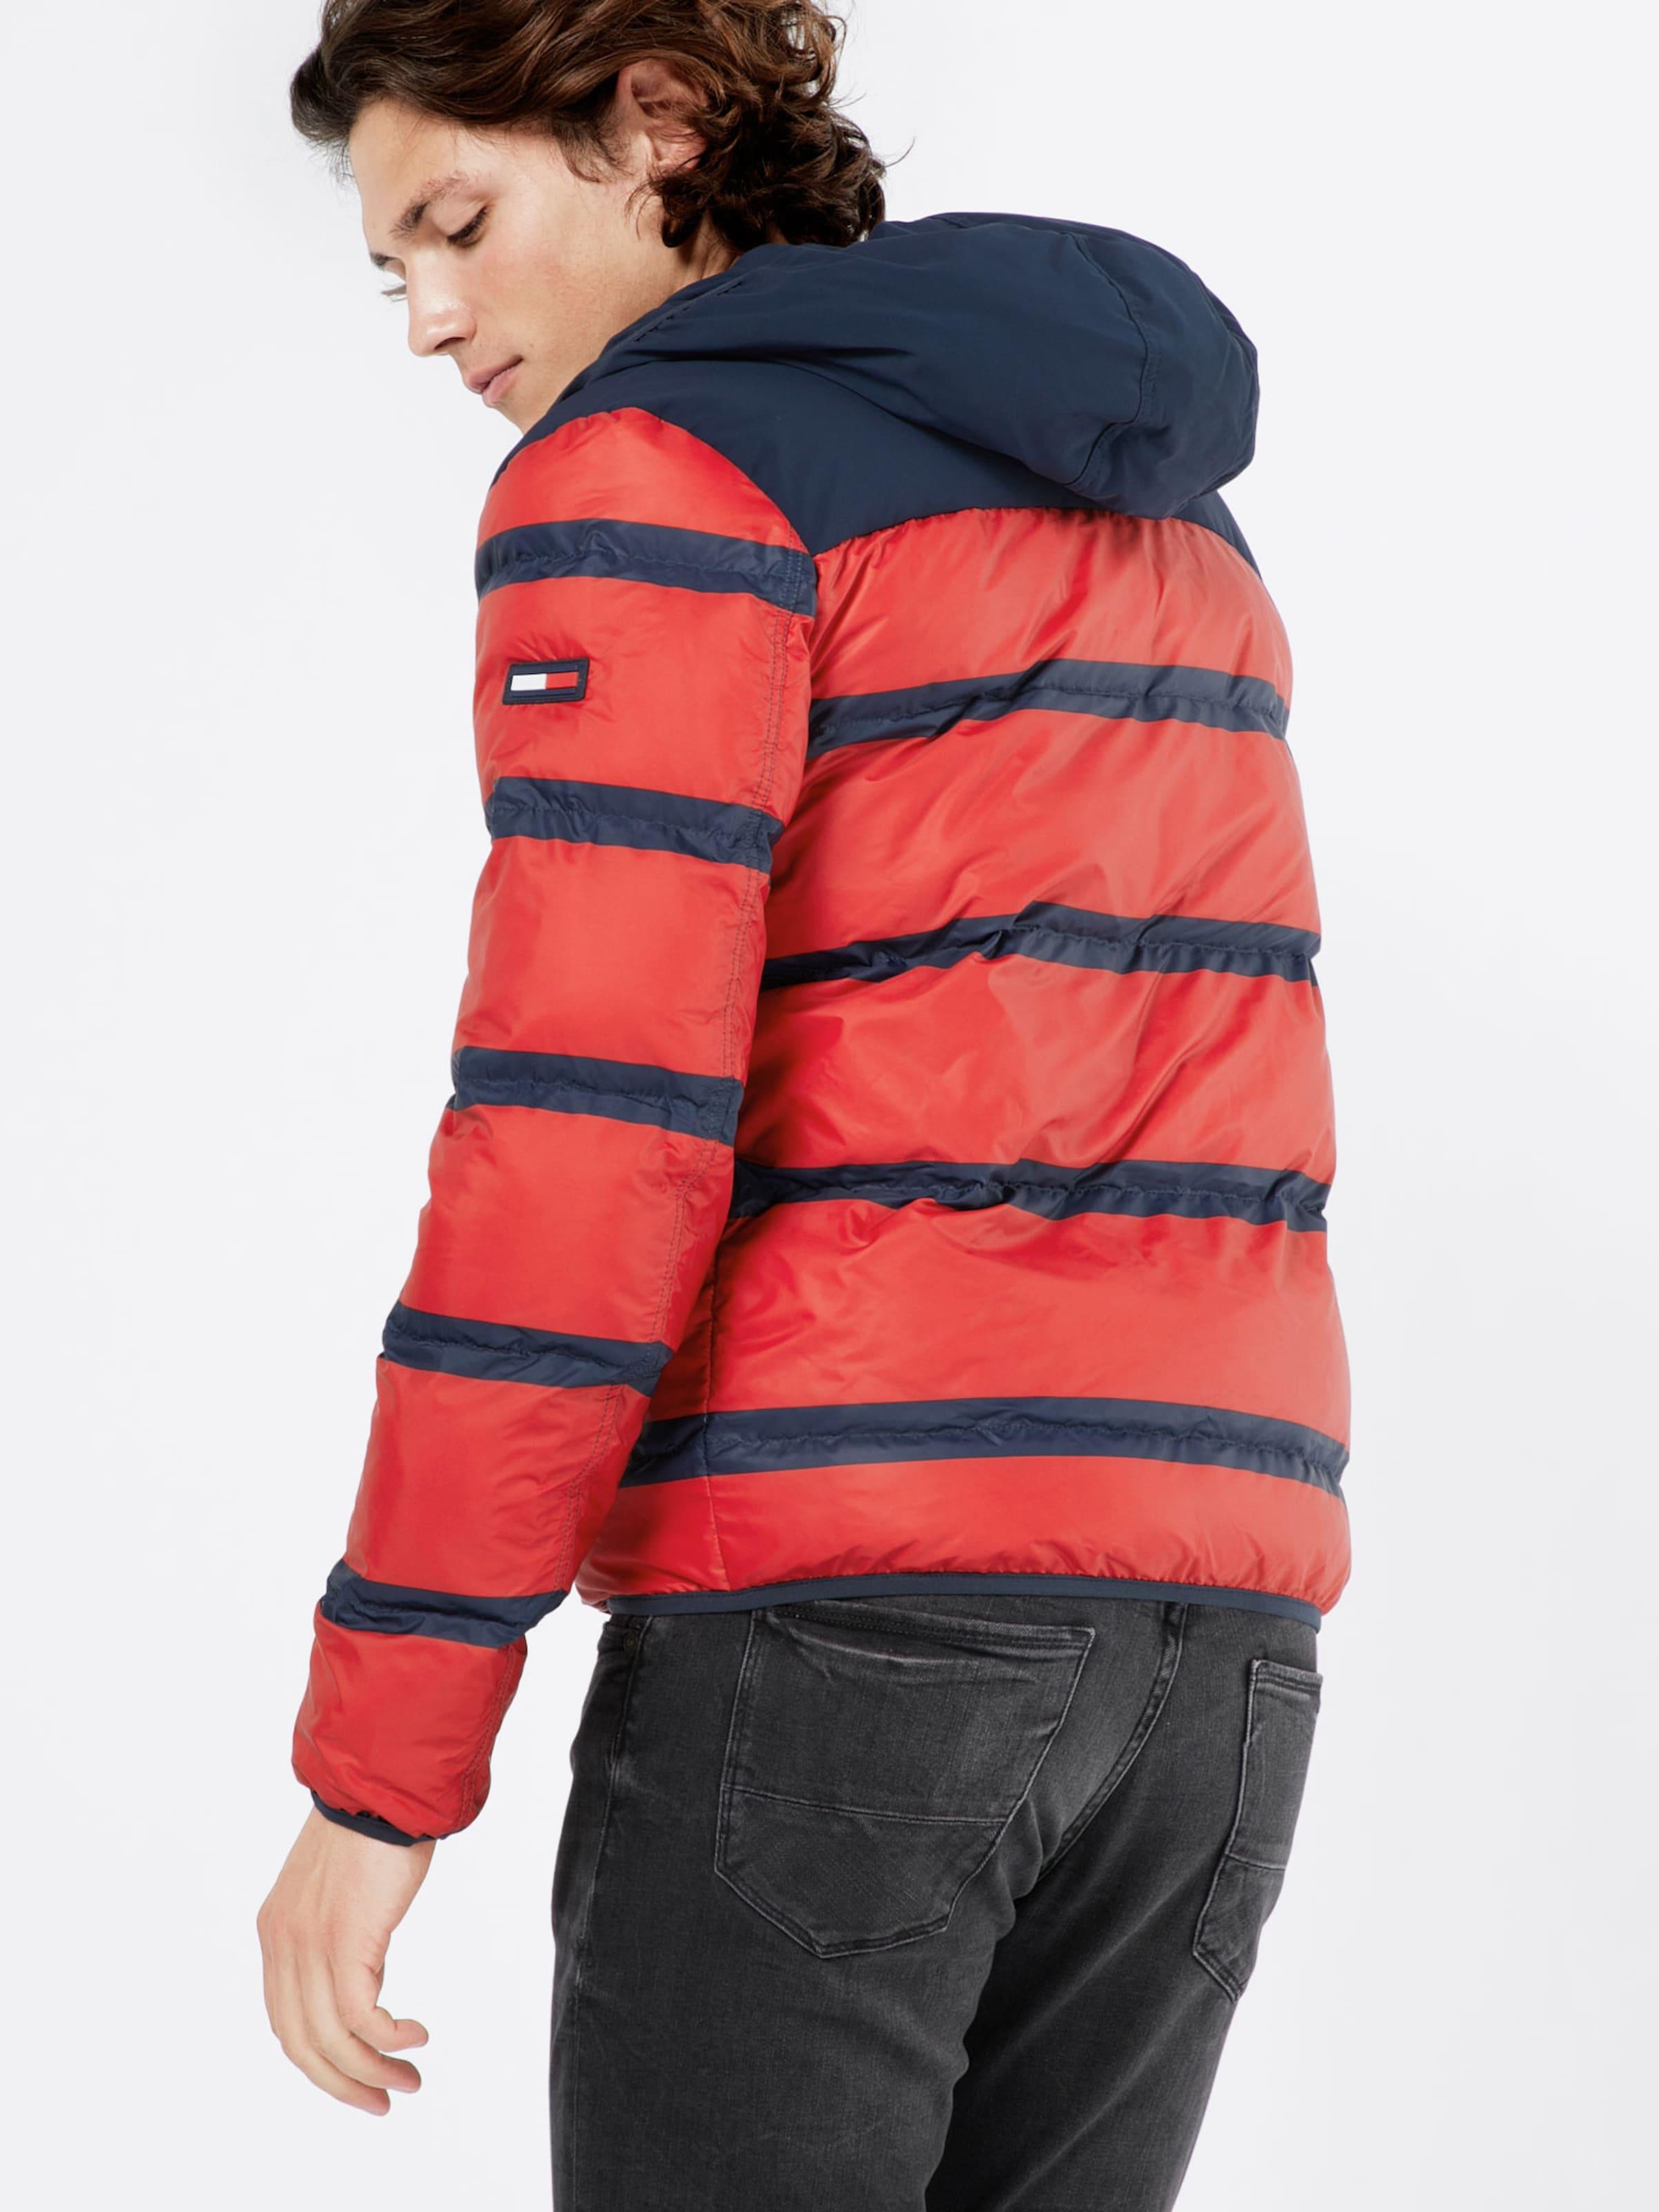 Auslasszwischenraum Store Tommy Jeans Steppjacke 'Puffa' Verkauf Besten Preise Limited Edition Online EpZ5J